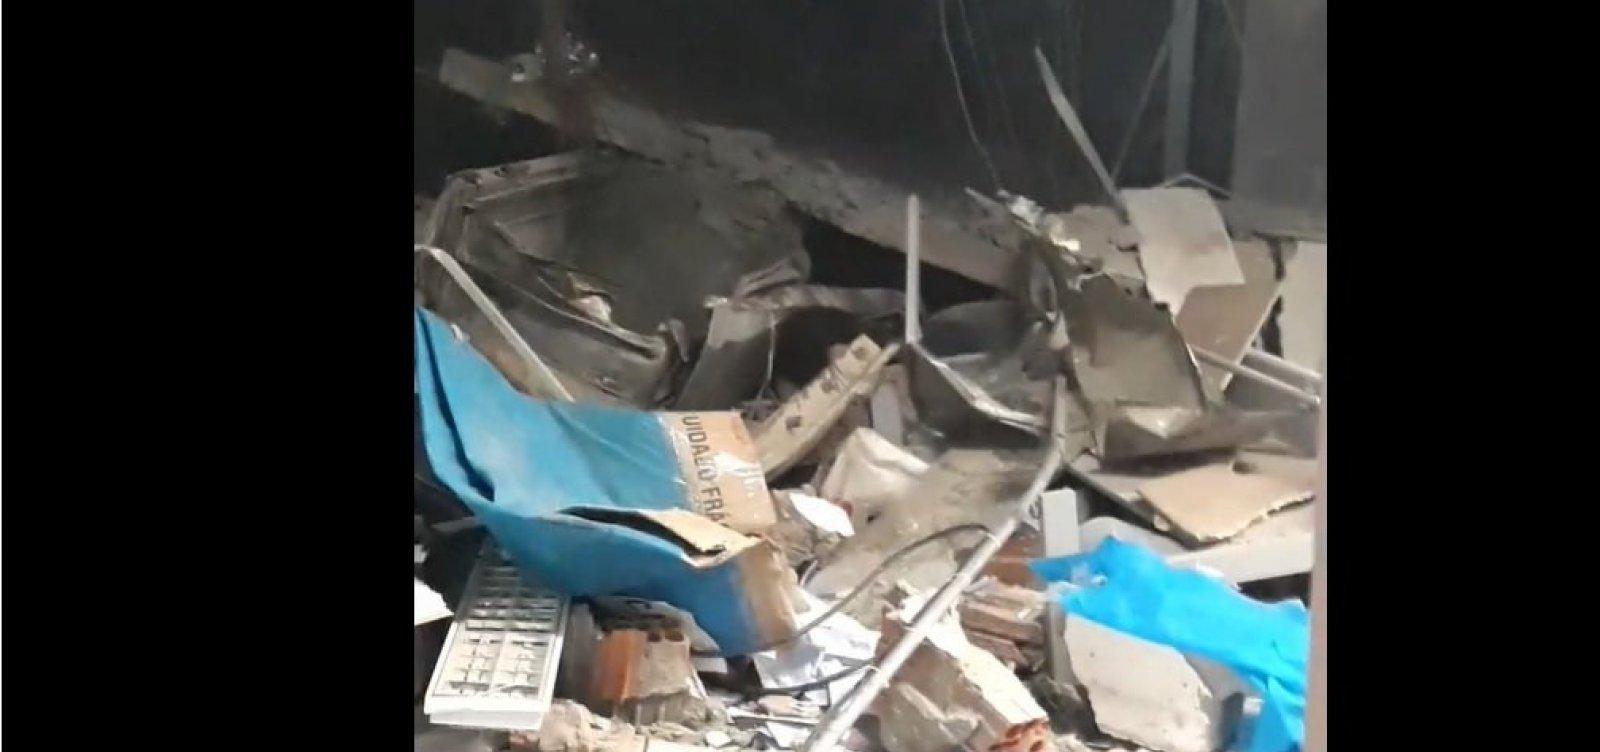 Polícia desarticula quadrilha responsável por explosões em bancos da Bahia